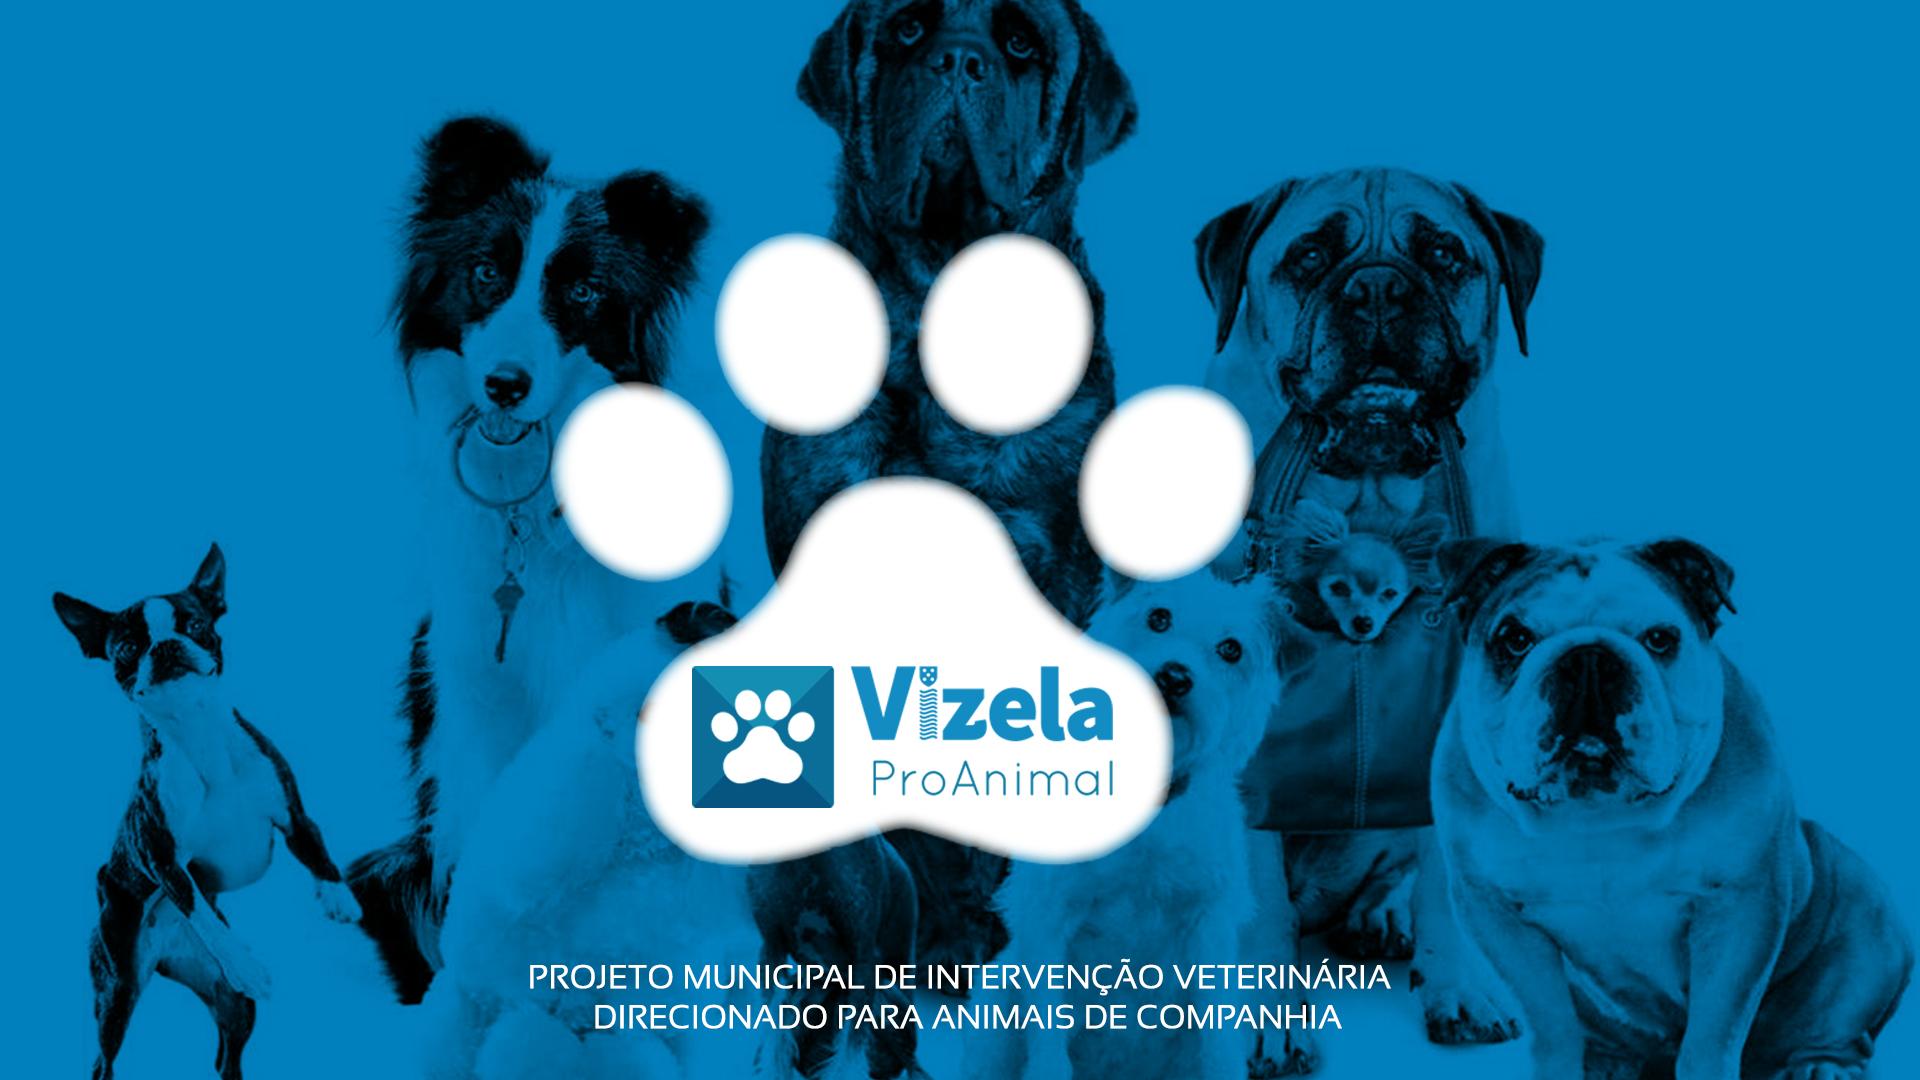 Apresentação do programa Vizela ProAnimal